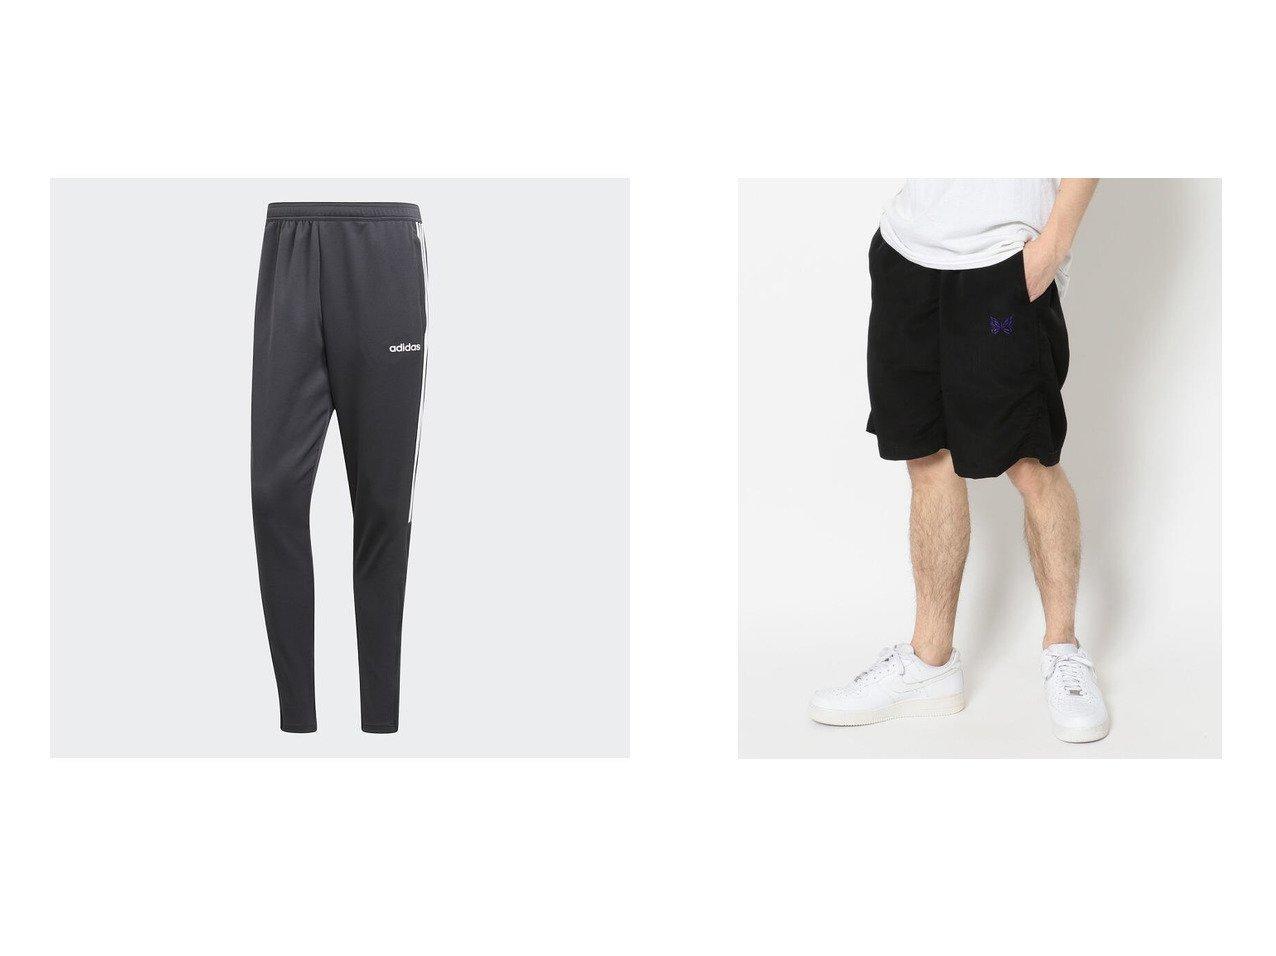 【B'2nd / MEN/ビーセカンド】のNEEDLES(ニードルズ) BASKETBALL SHORT-POLYCLOTH&【adidas / MEN/アディダス】のセレーノ19 トレーニングパンツ Sereno 19 Training Pants 【MEN】おすすめ!人気トレンド・男性、メンズファッションの通販 おすすめで人気の流行・トレンド、ファッションの通販商品 メンズファッション・キッズファッション・インテリア・家具・レディースファッション・服の通販 founy(ファニー) https://founy.com/ ファッション Fashion メンズファッション MEN ボトムス Bottoms Men スポーツ スリム ダブル ドローコード フィット リラックス ショート スポーティ フロント 再入荷 Restock/Back in Stock/Re Arrival |ID:crp329100000023124